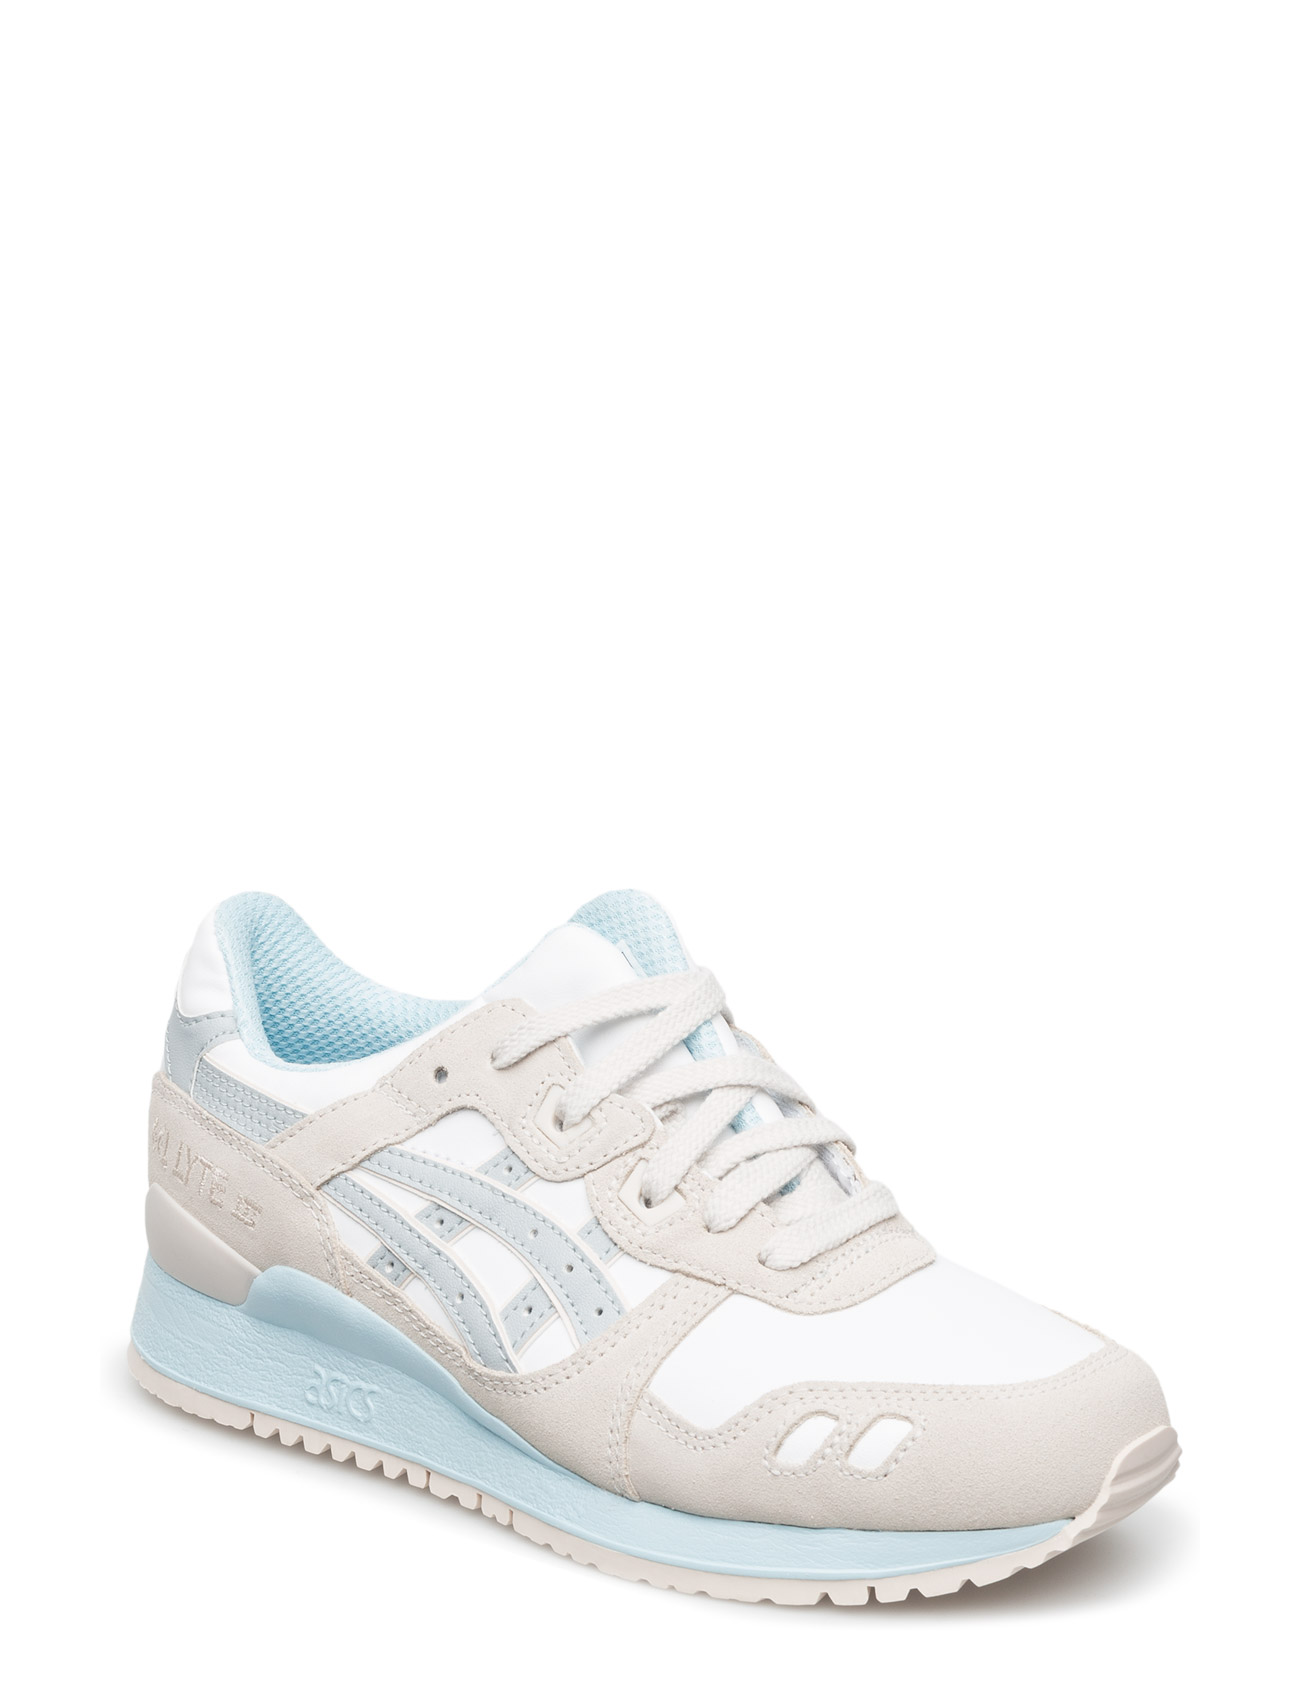 H6u9l-Gel-Lyte Iii Asics Sneakers til Kvinder i hvid